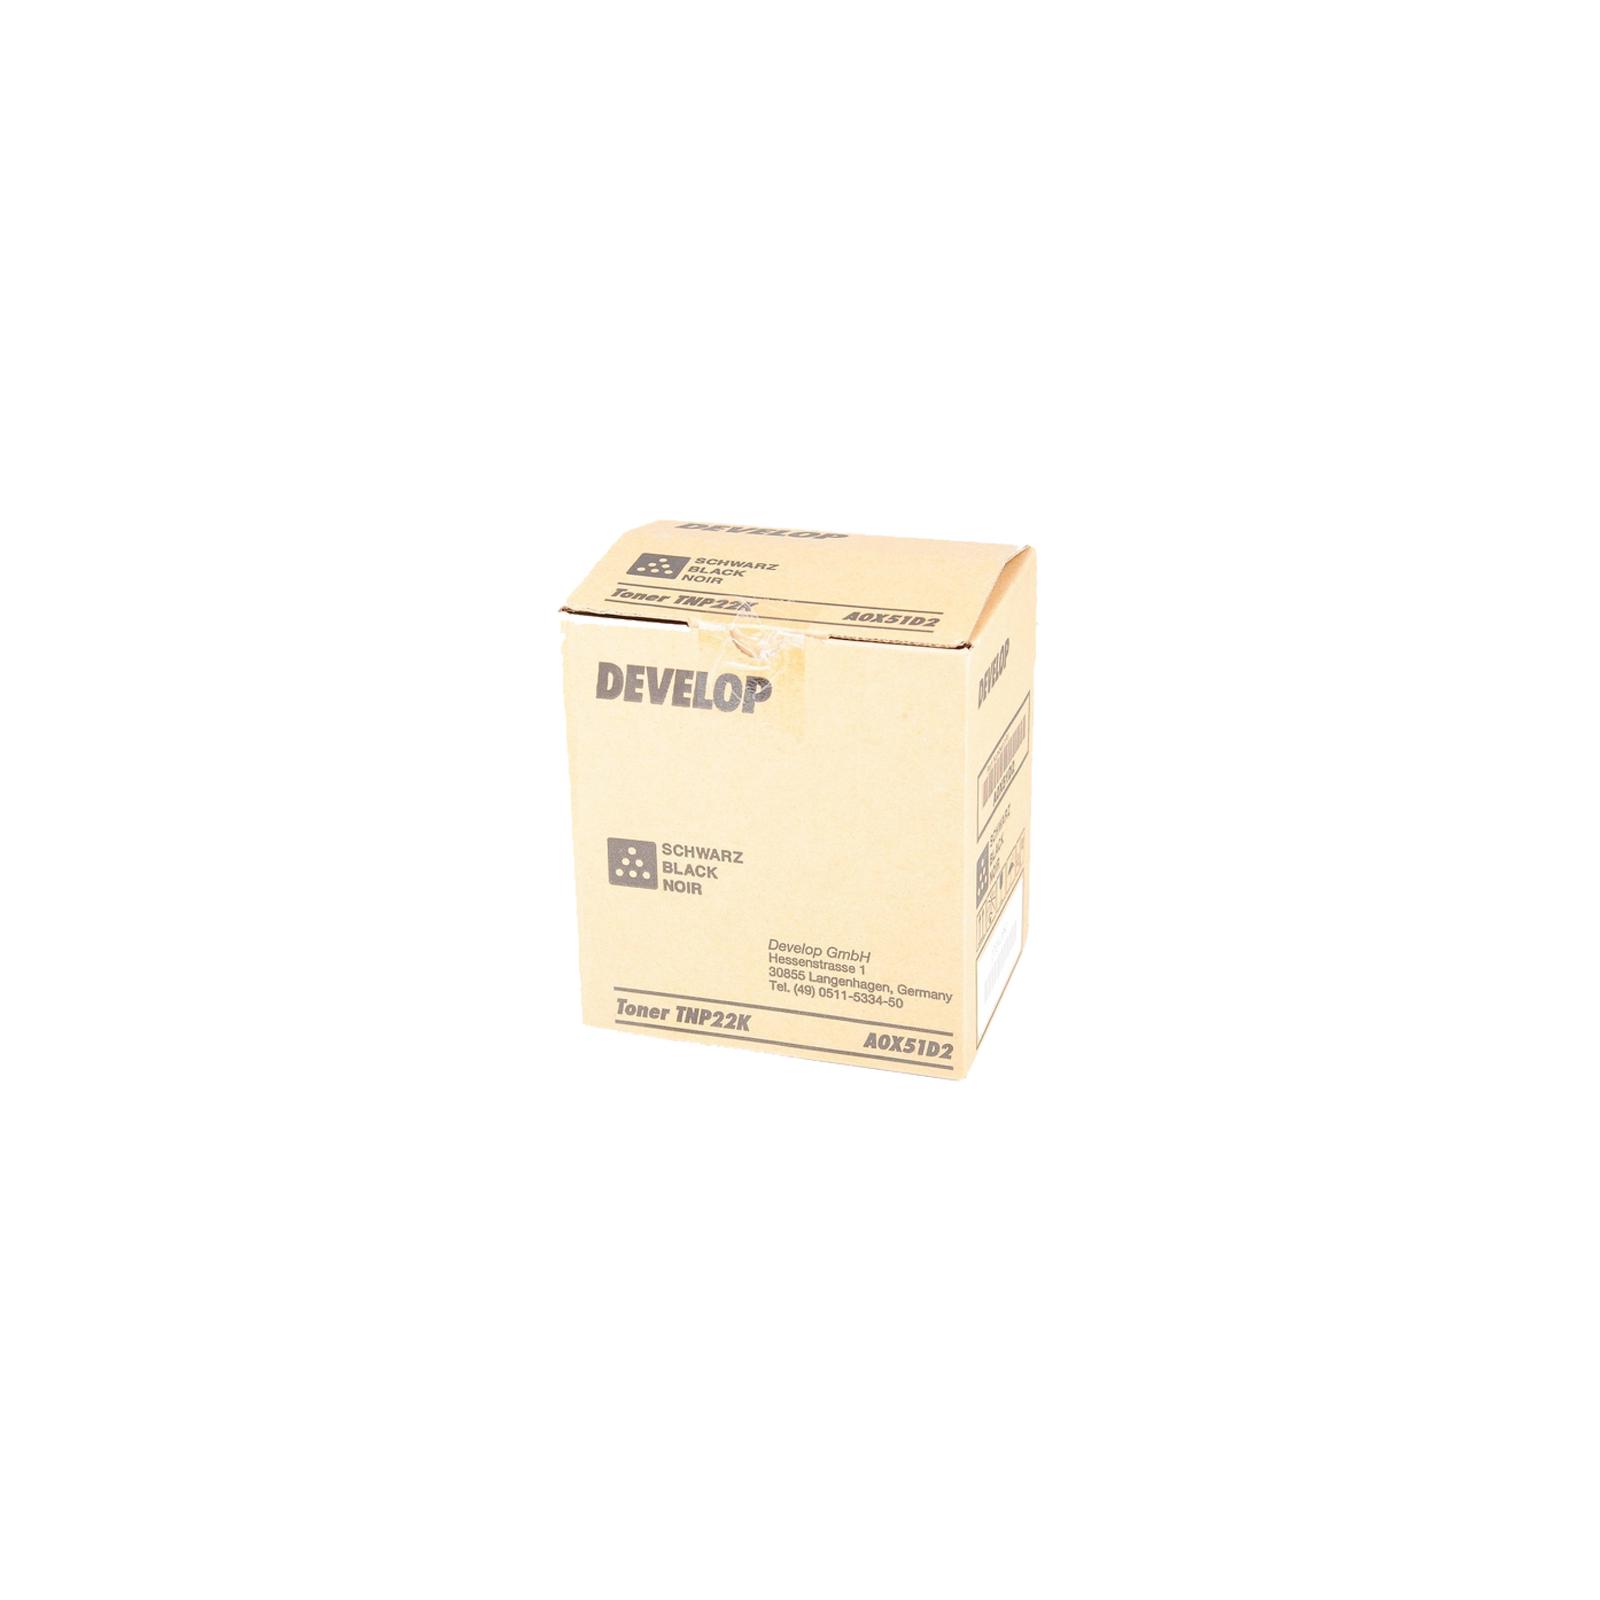 Тонер Develop TNP-22K Black для ineo +35/+35Р (6К) (A0X51D2)